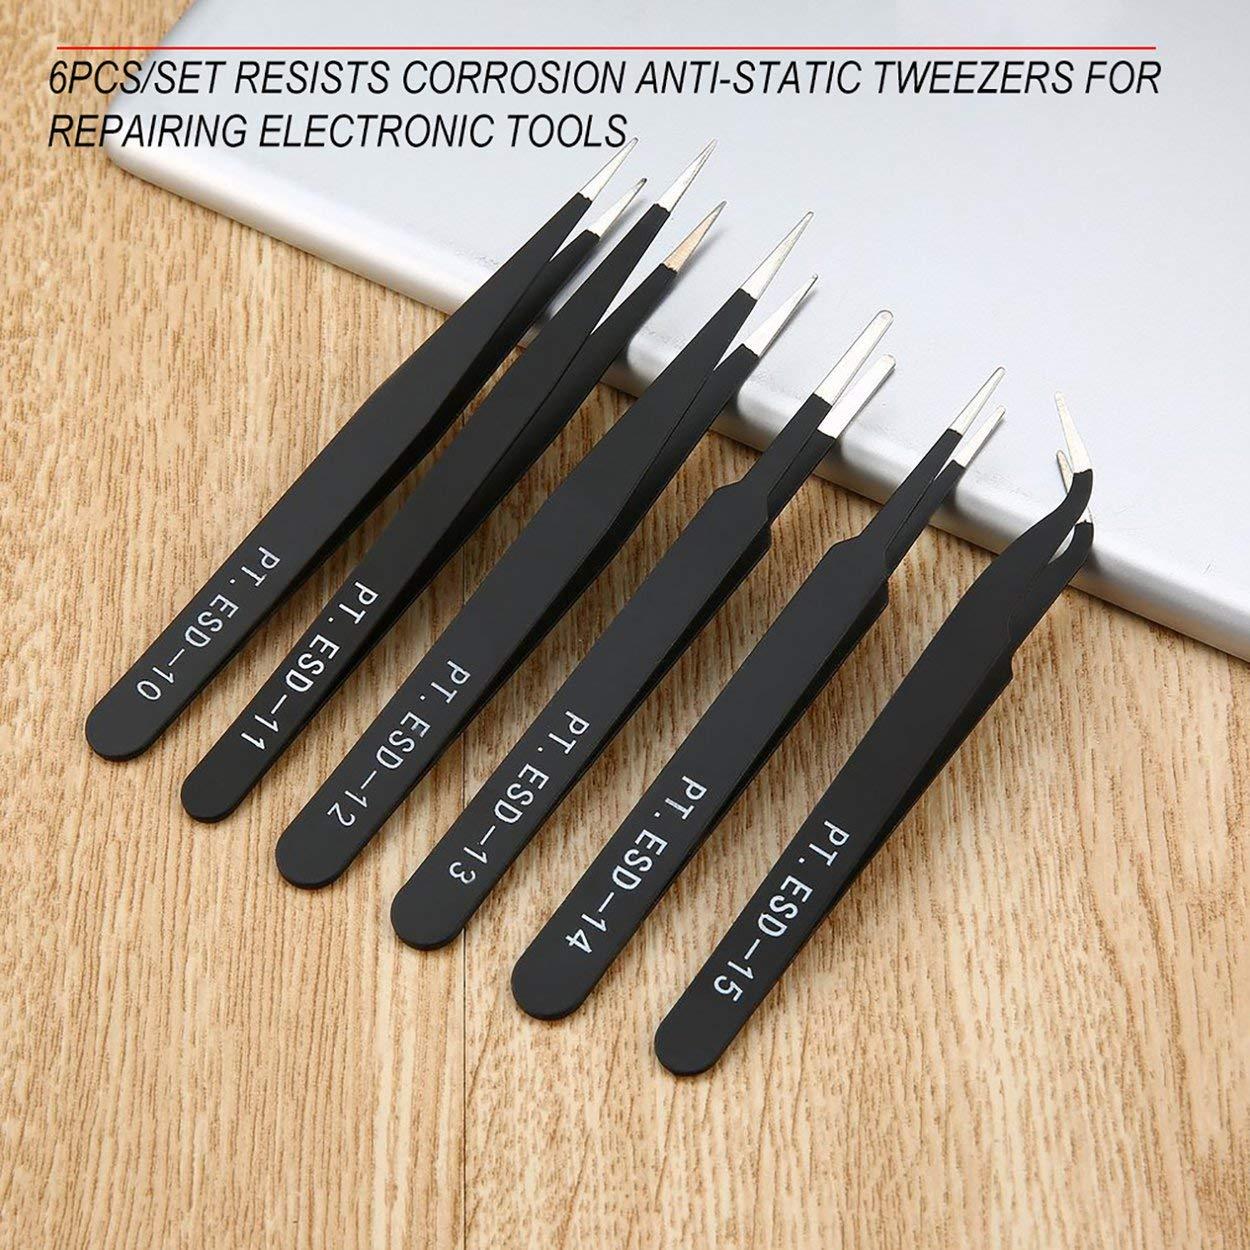 Lorenlli 6 St/ück//Set Tragbare Gr/ö/ße Best/ändig gegen Korrosion Antistatische Pinzetten zur Reparatur elektronischer Wartungswerkzeuge Schwarz